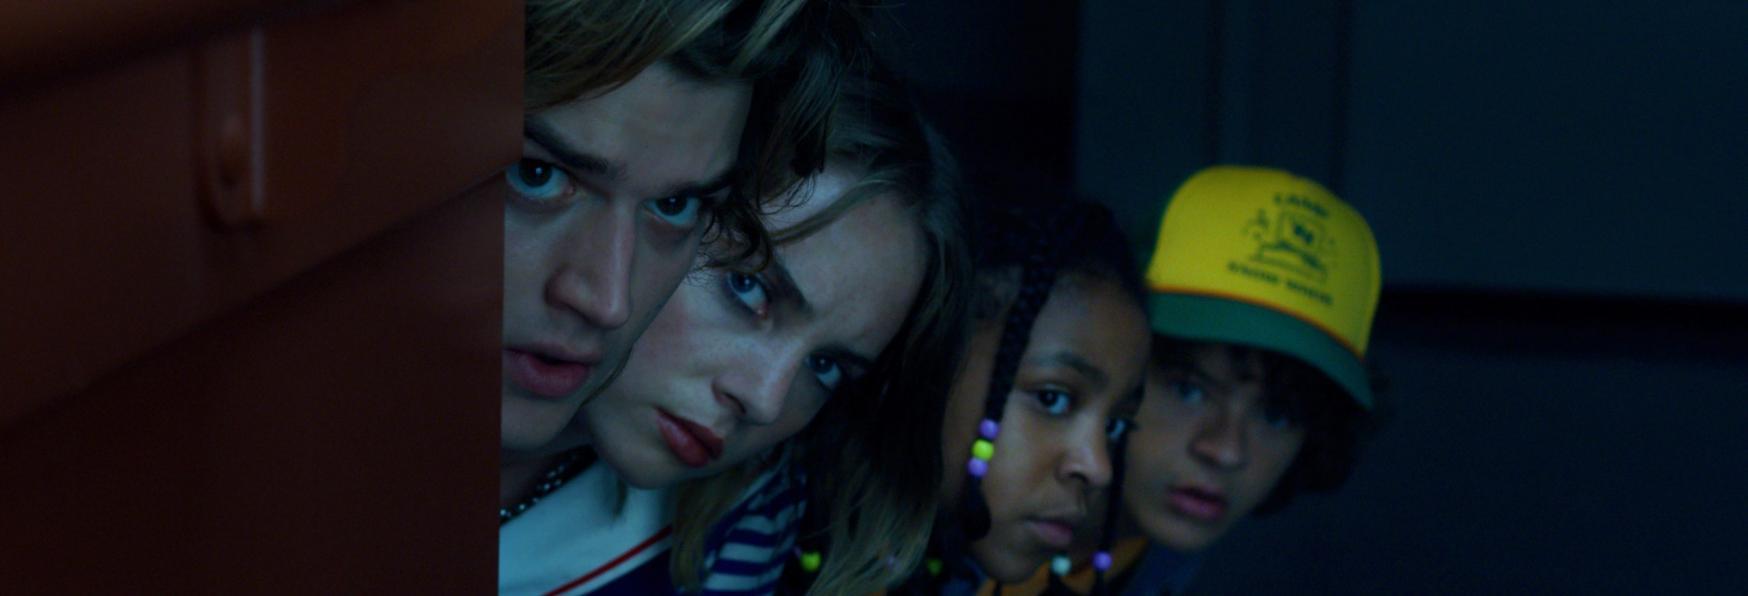 Stranger Things 4: Netflix rilascia un altro Teaser Trailer della nuova Stagione